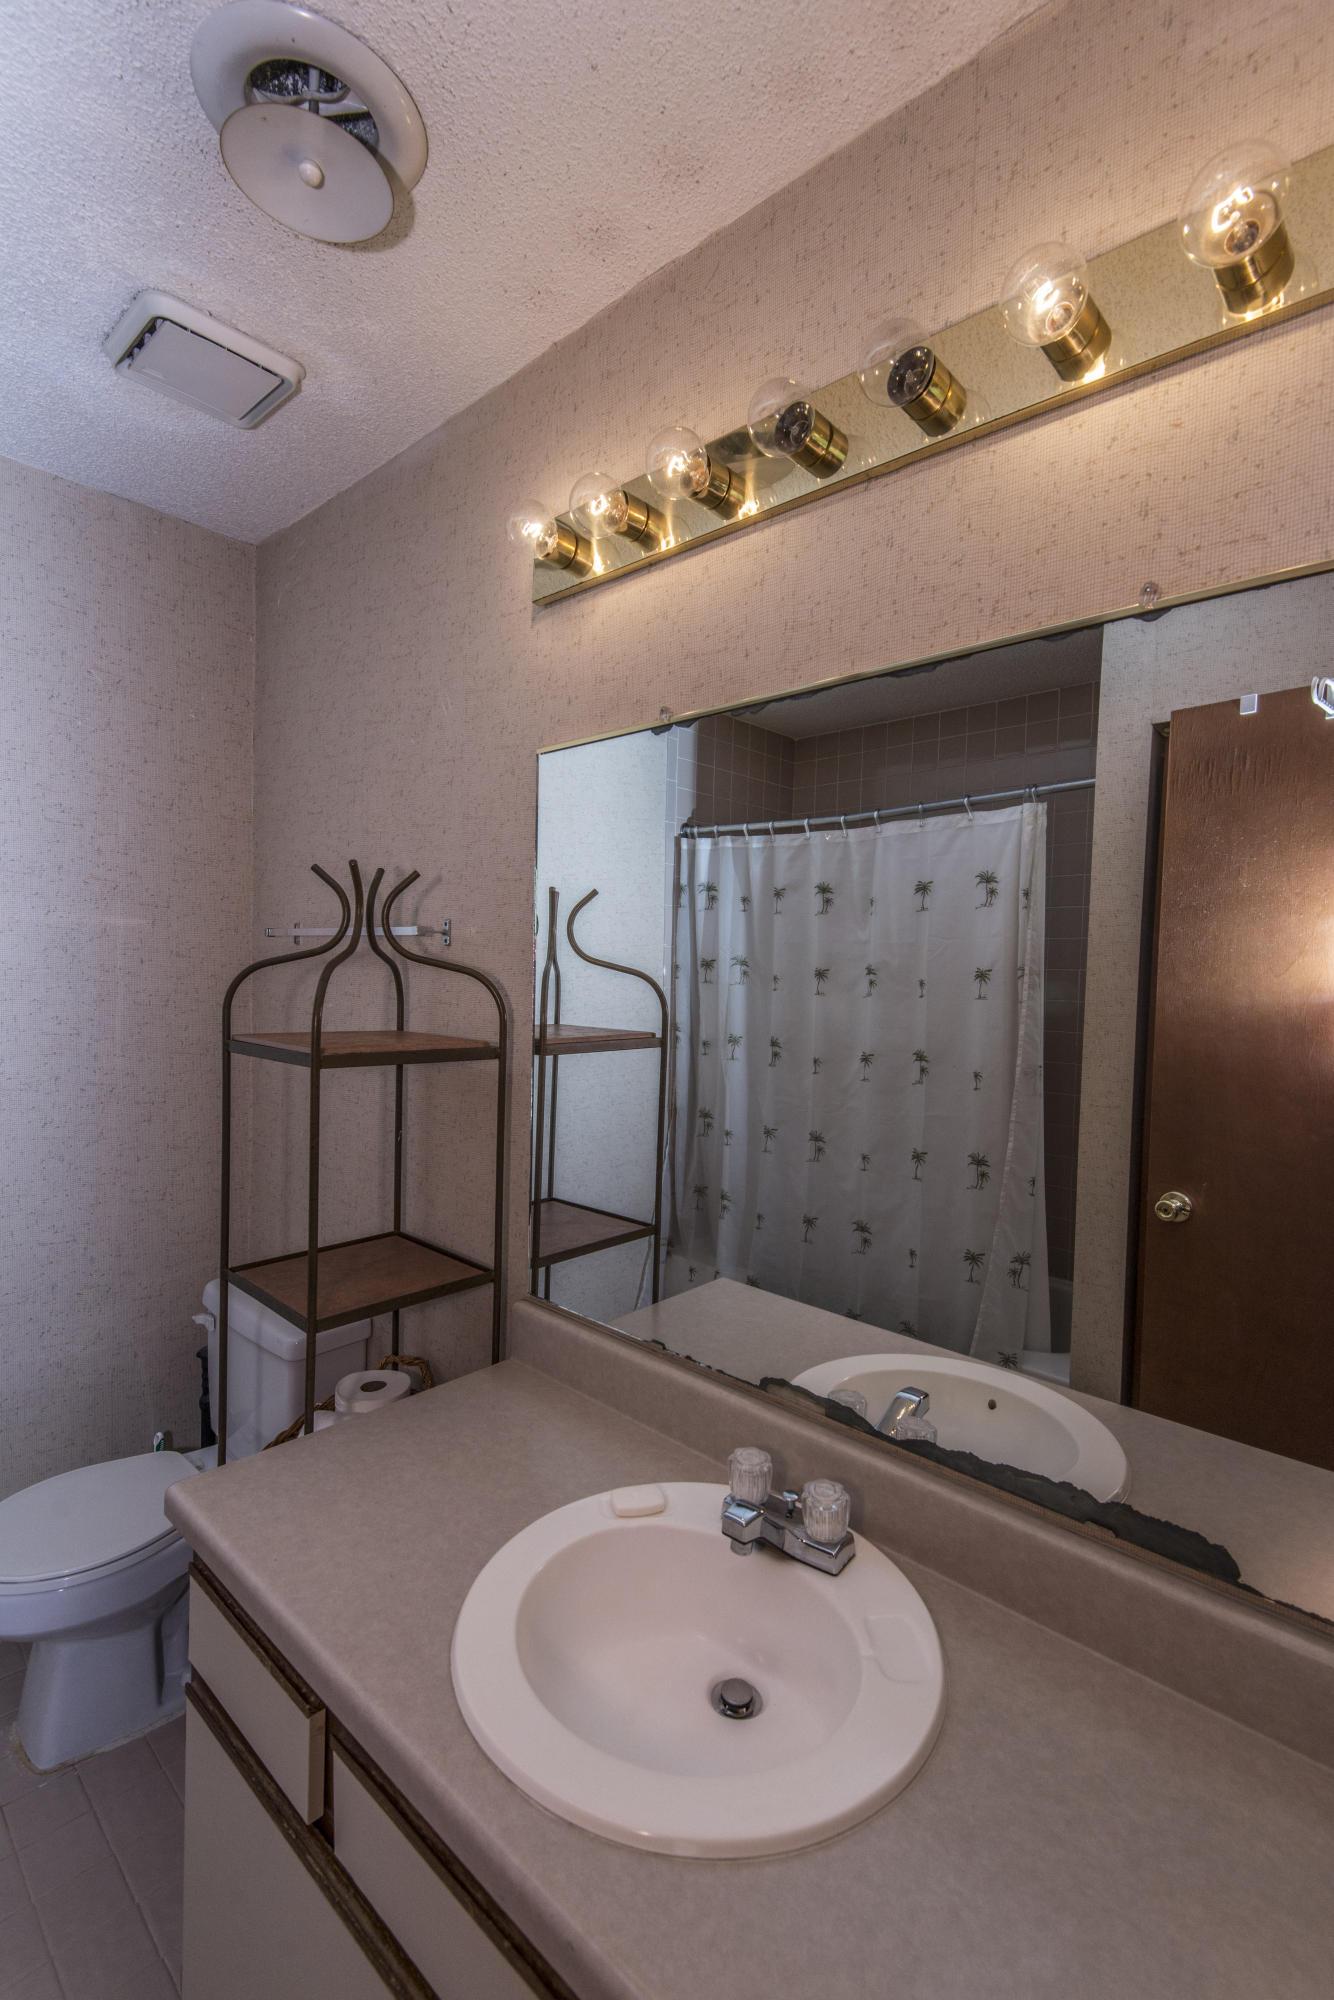 Beaumont Homes For Sale - 1147 Monaco, Mount Pleasant, SC - 3